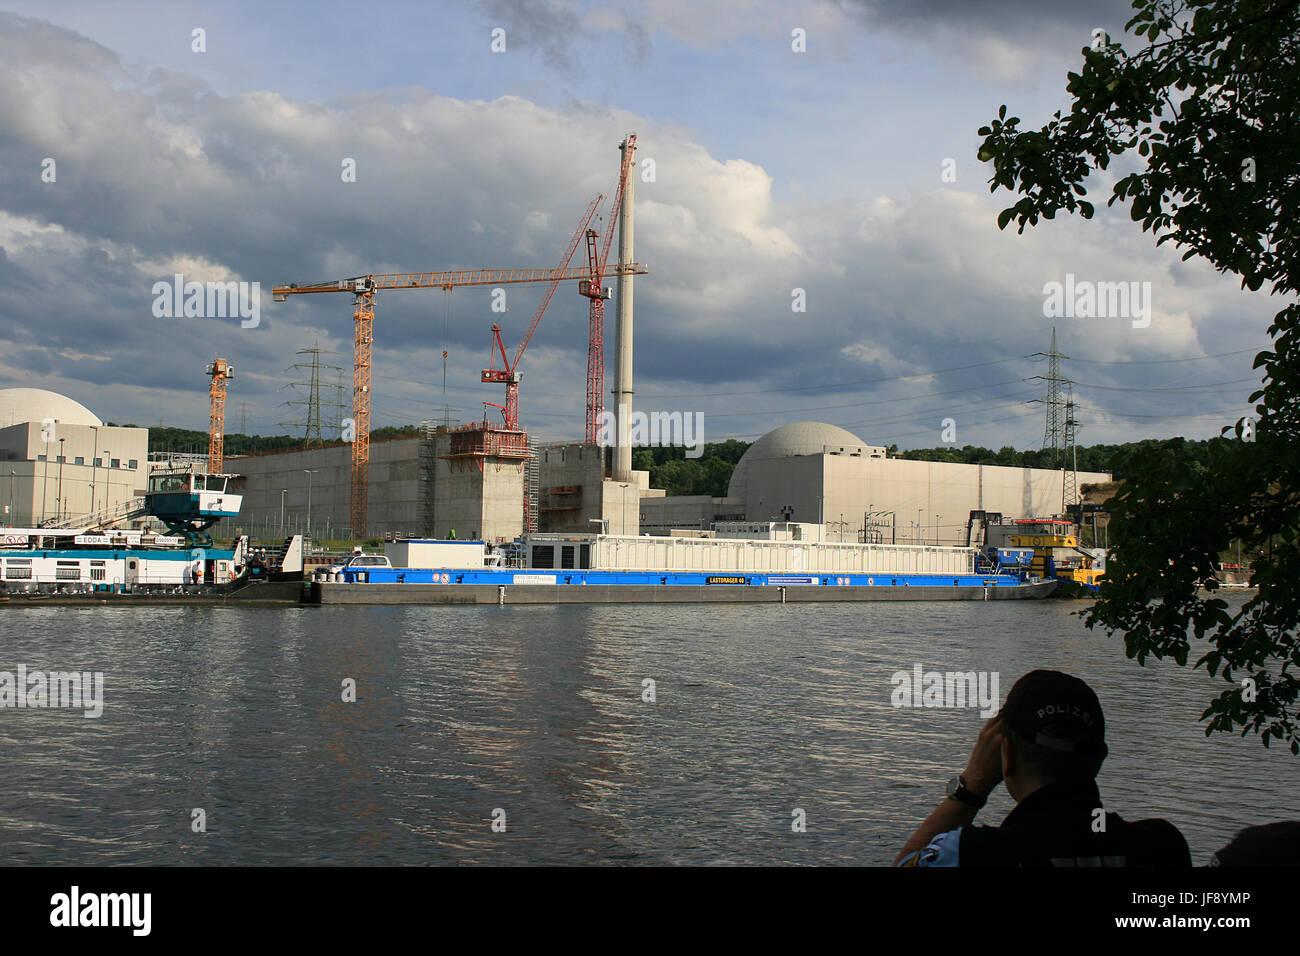 Kernkraftwerk Neckarwestheim - Zwischenlager bis 2044 - 1. Castor/Atommüll Transport auf dem Neckar in Deutschland - Stock Image